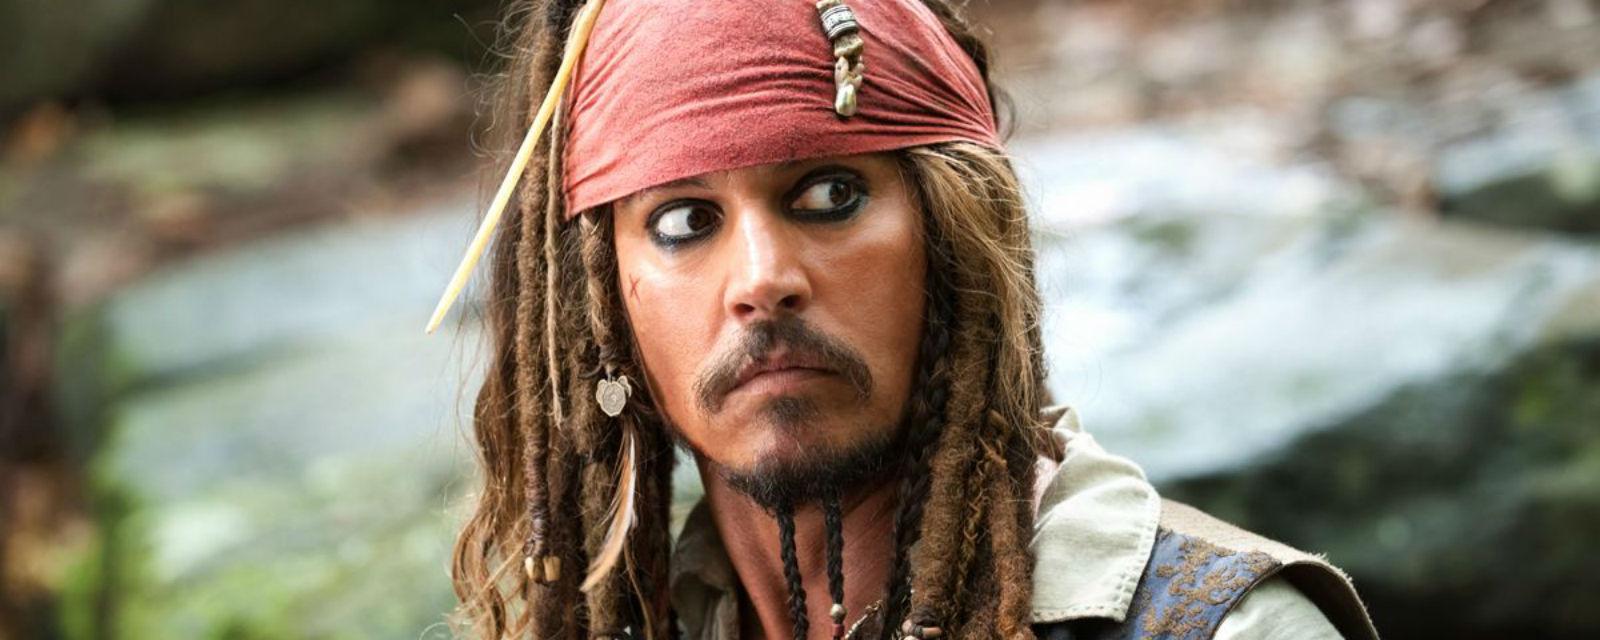 Disney está considerando um reboot de Piratas do Caribe com os roteiristas de Deadpool